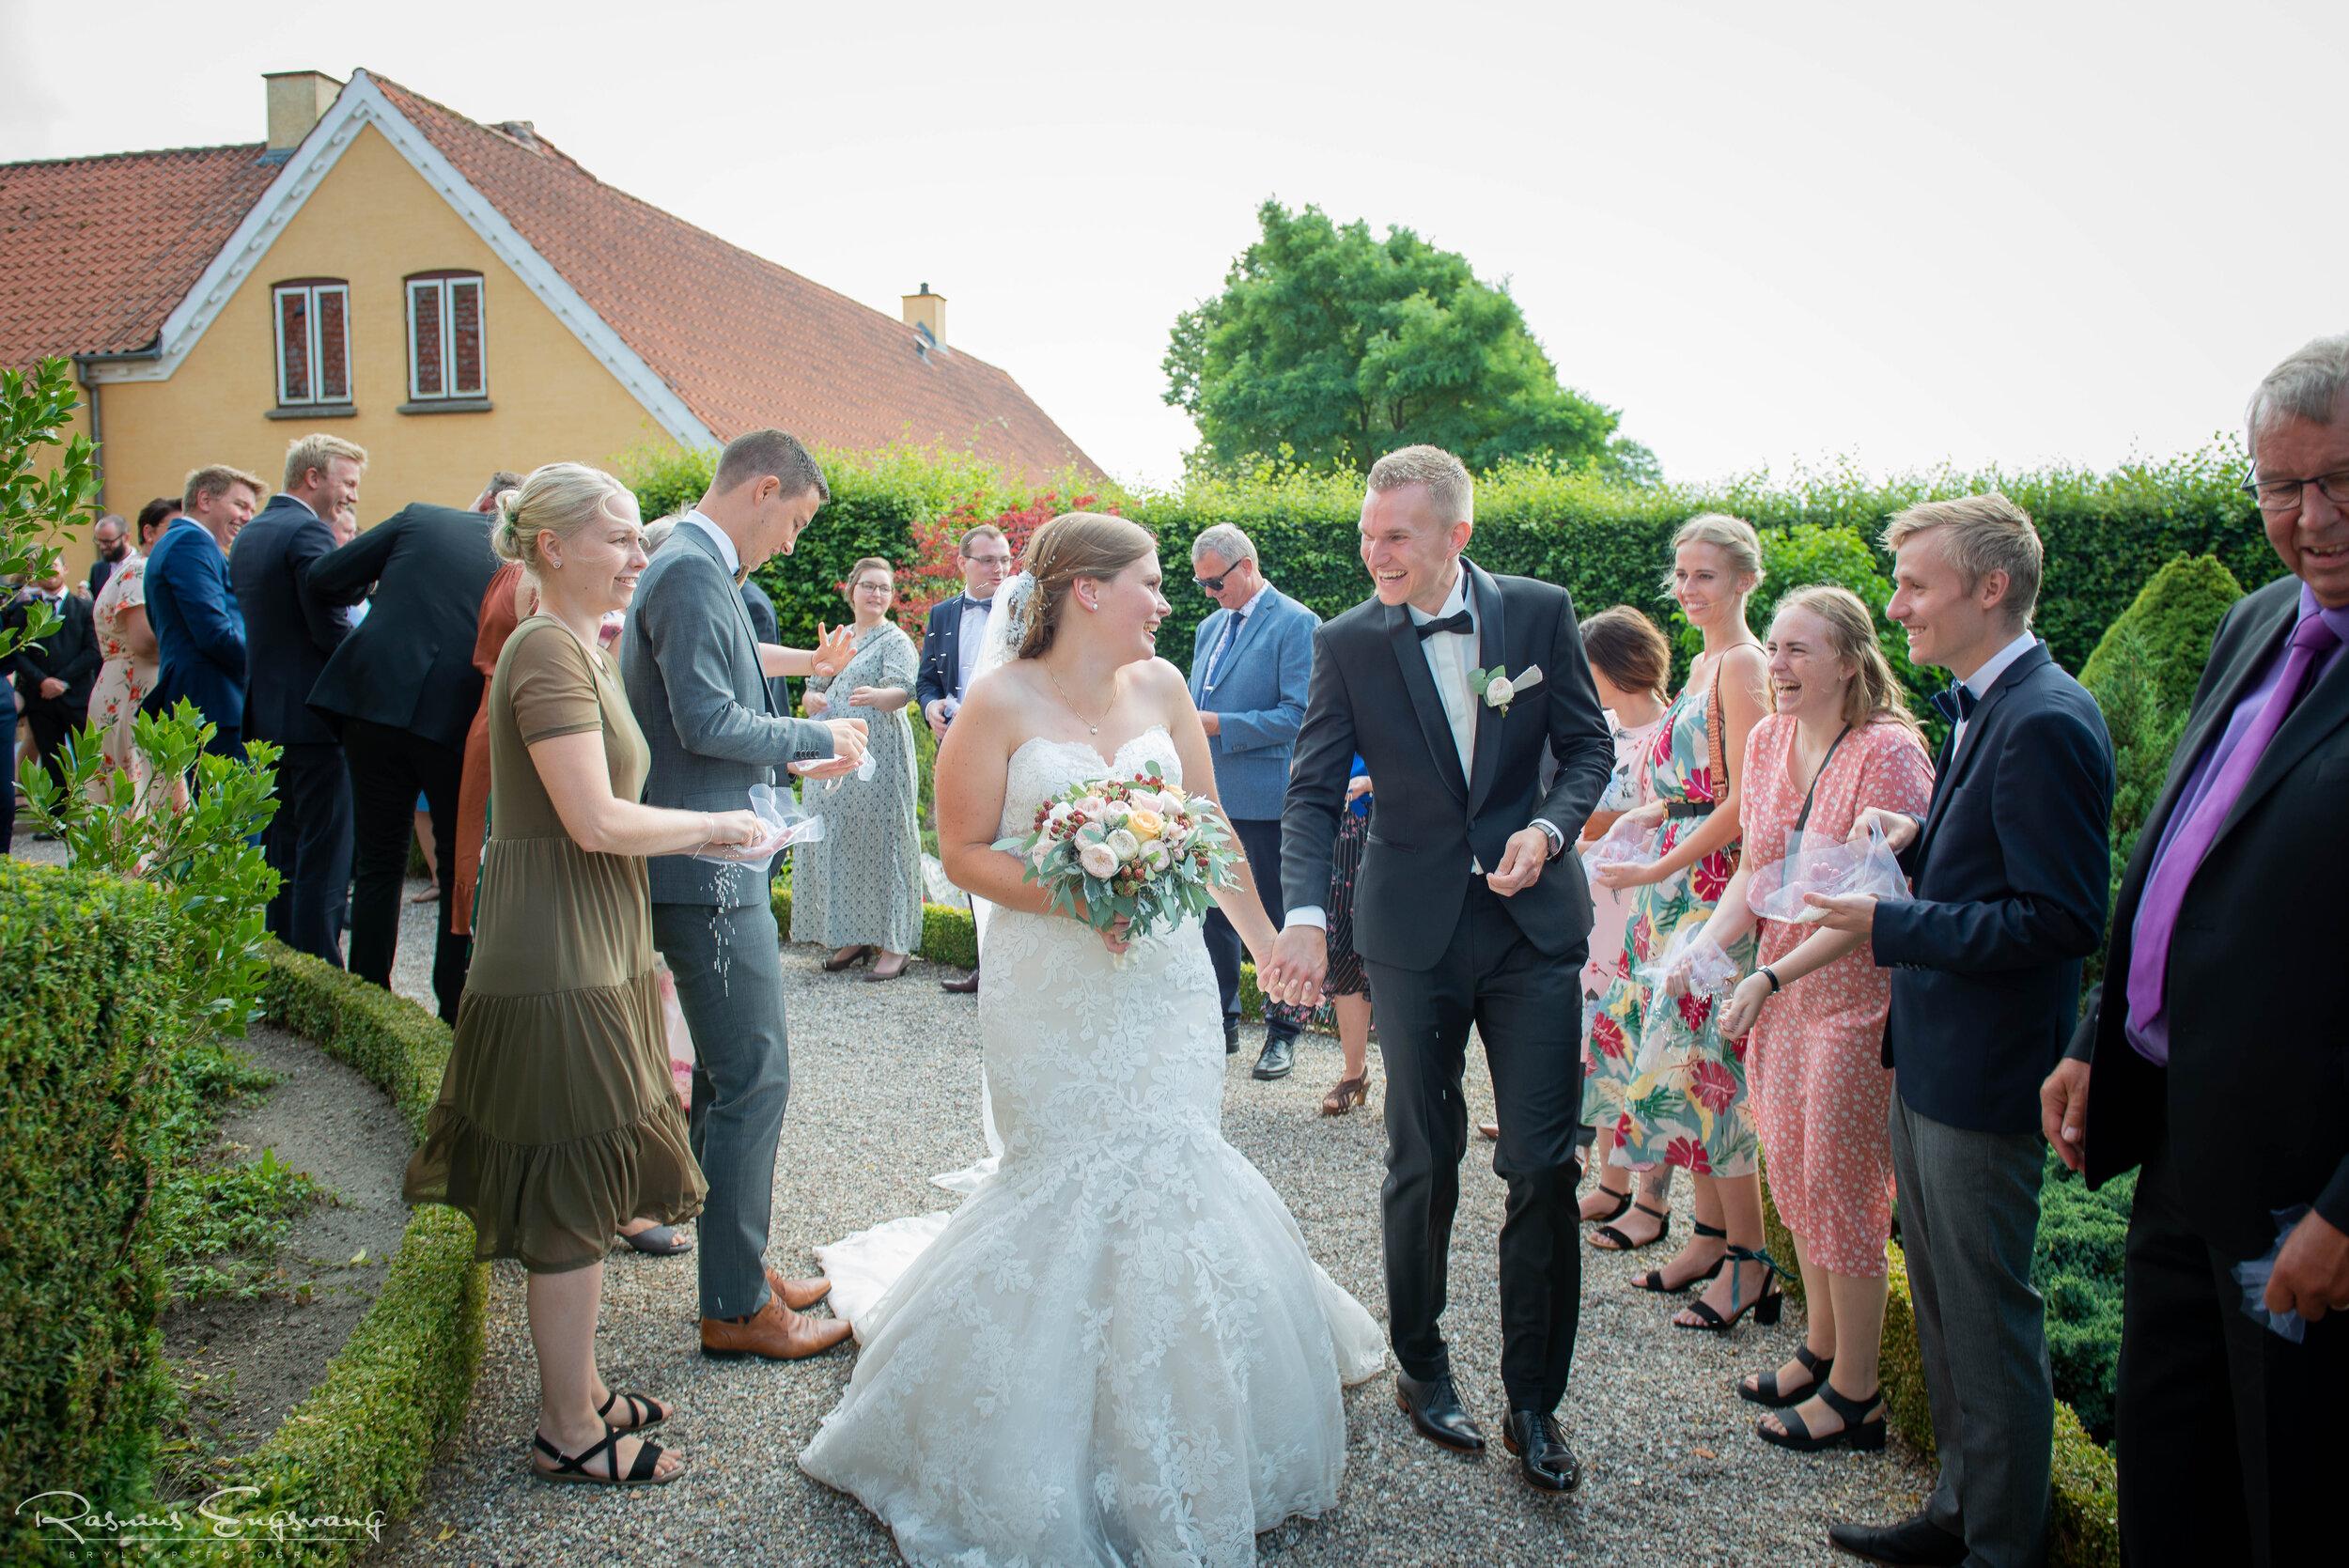 Bryllupsfotograf_Sjælland_Humleorehus_Vigersted-114.jpg